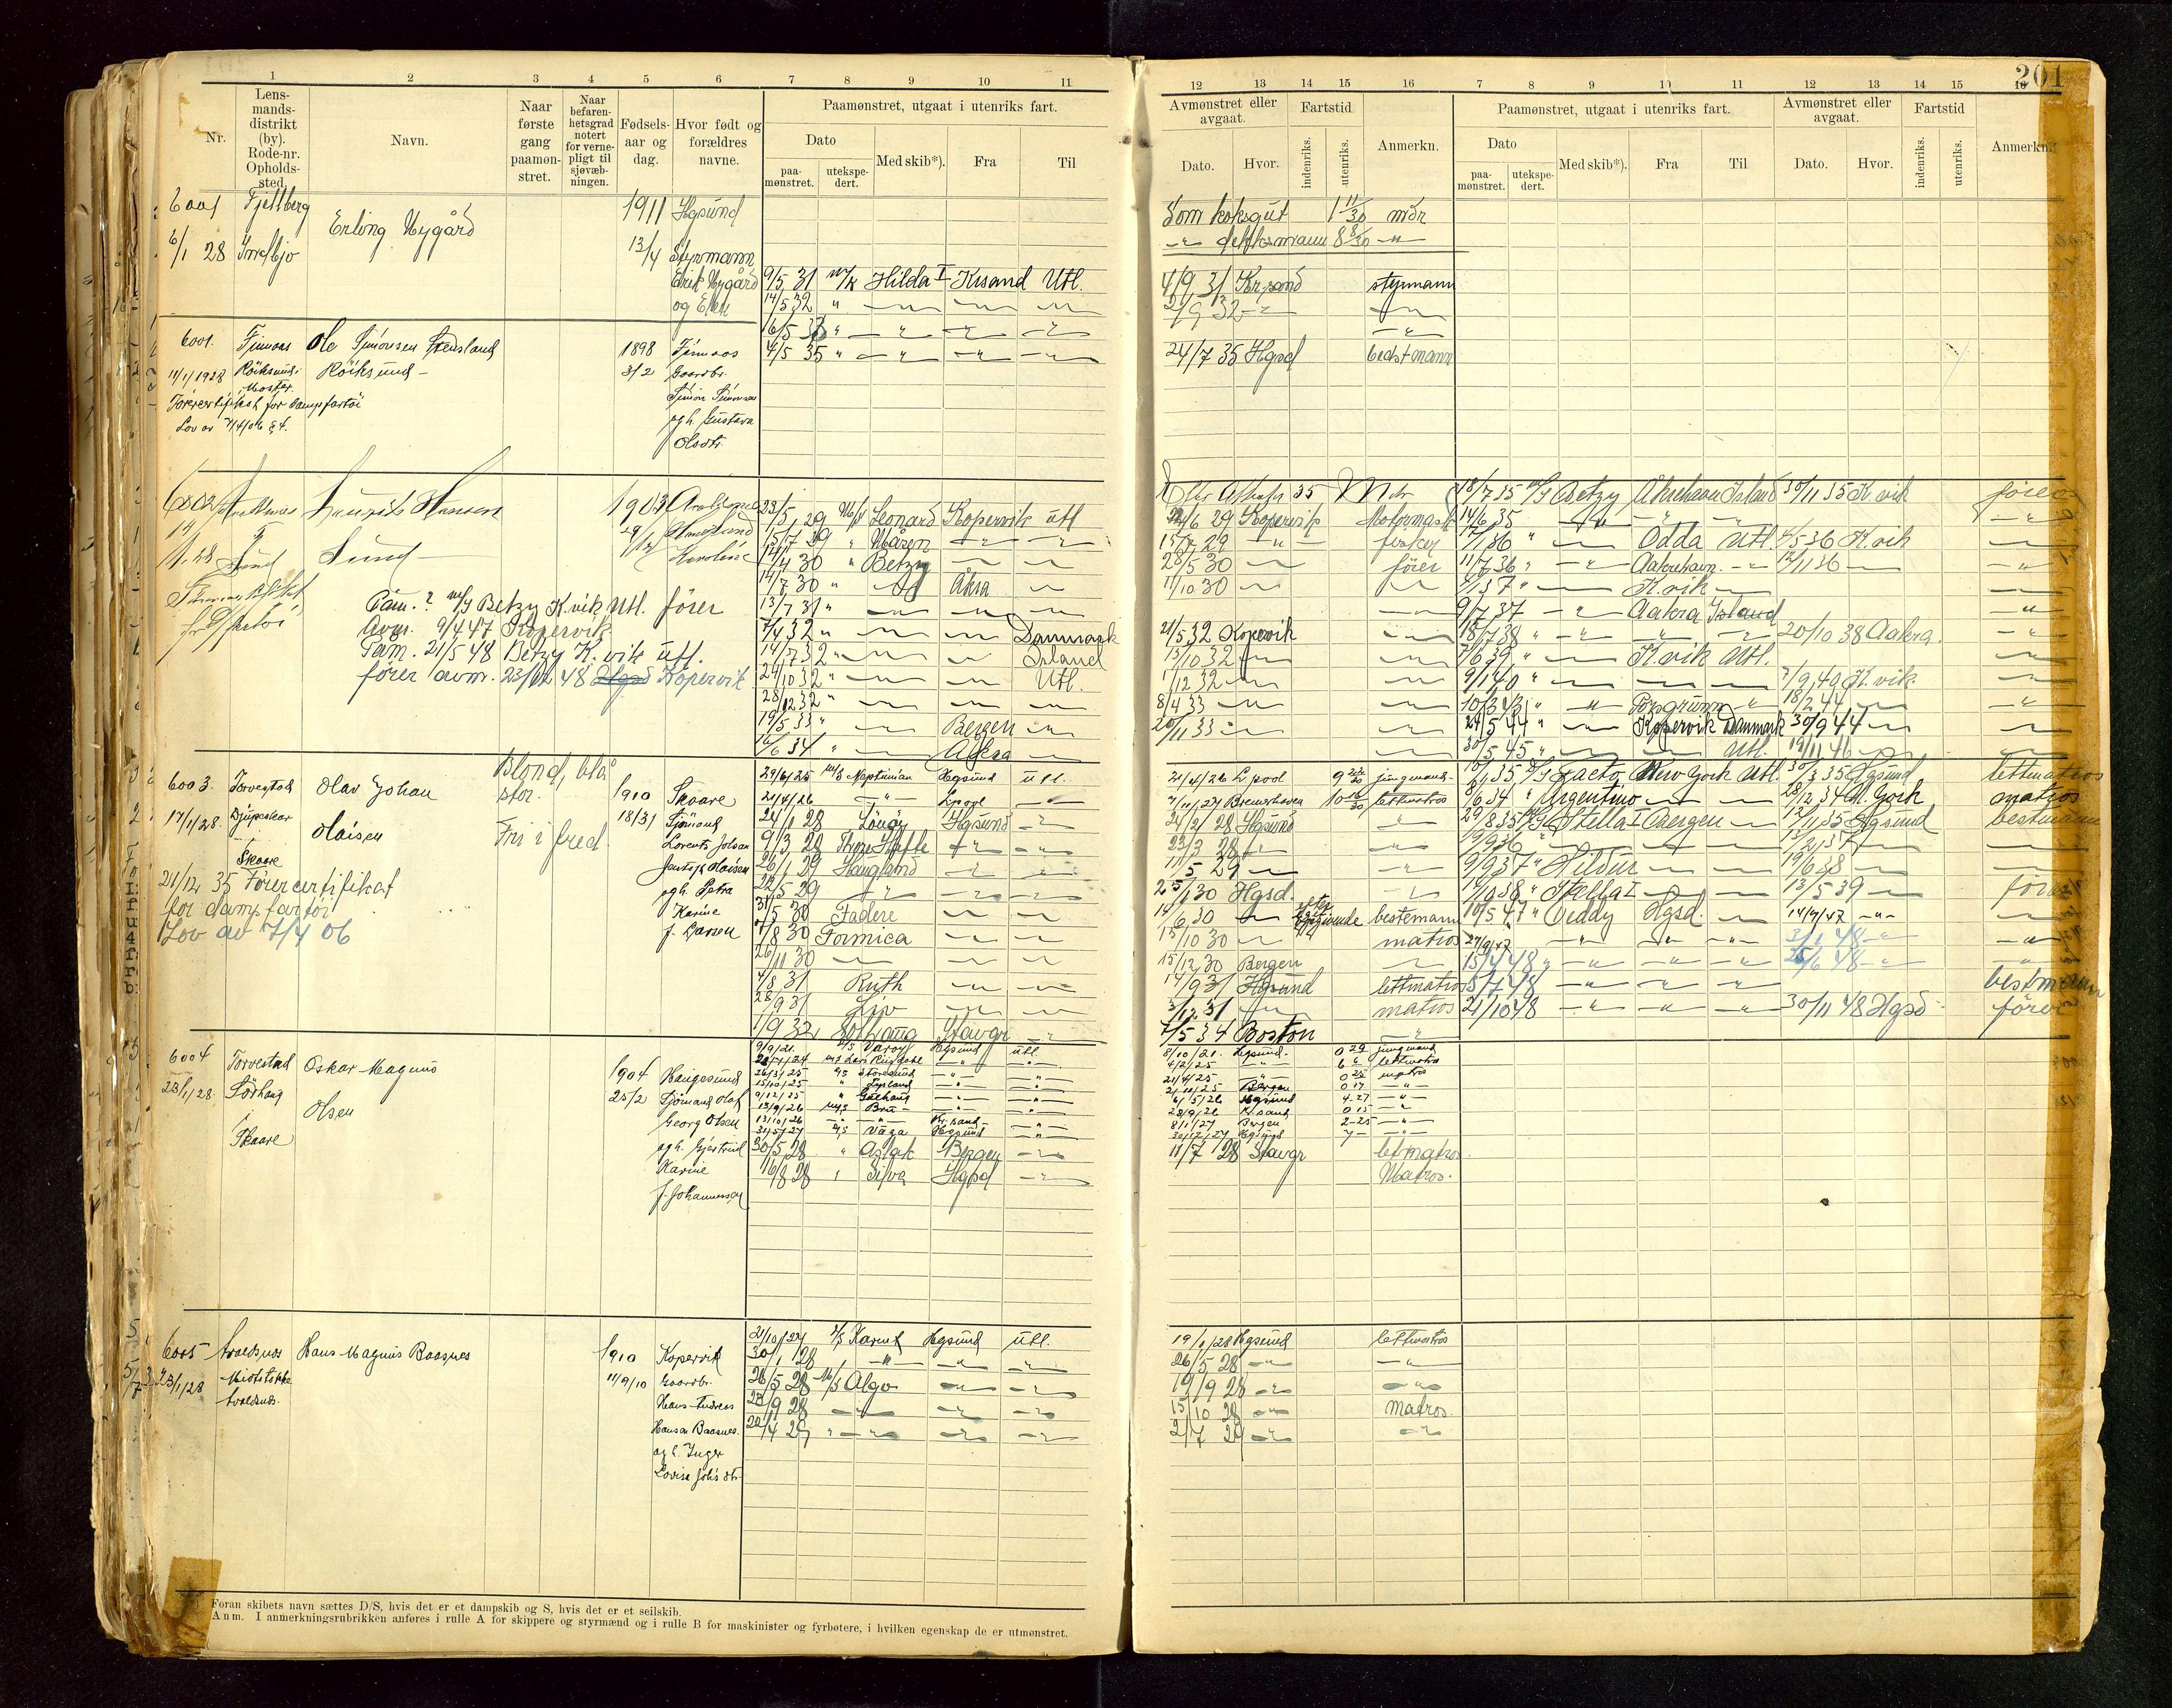 SAST, Haugesund sjømannskontor, F/Fb/Fbb/L0015: Sjøfartsrulle A Haugesund krets I nr 5001-8970, 1912-1948, s. 201